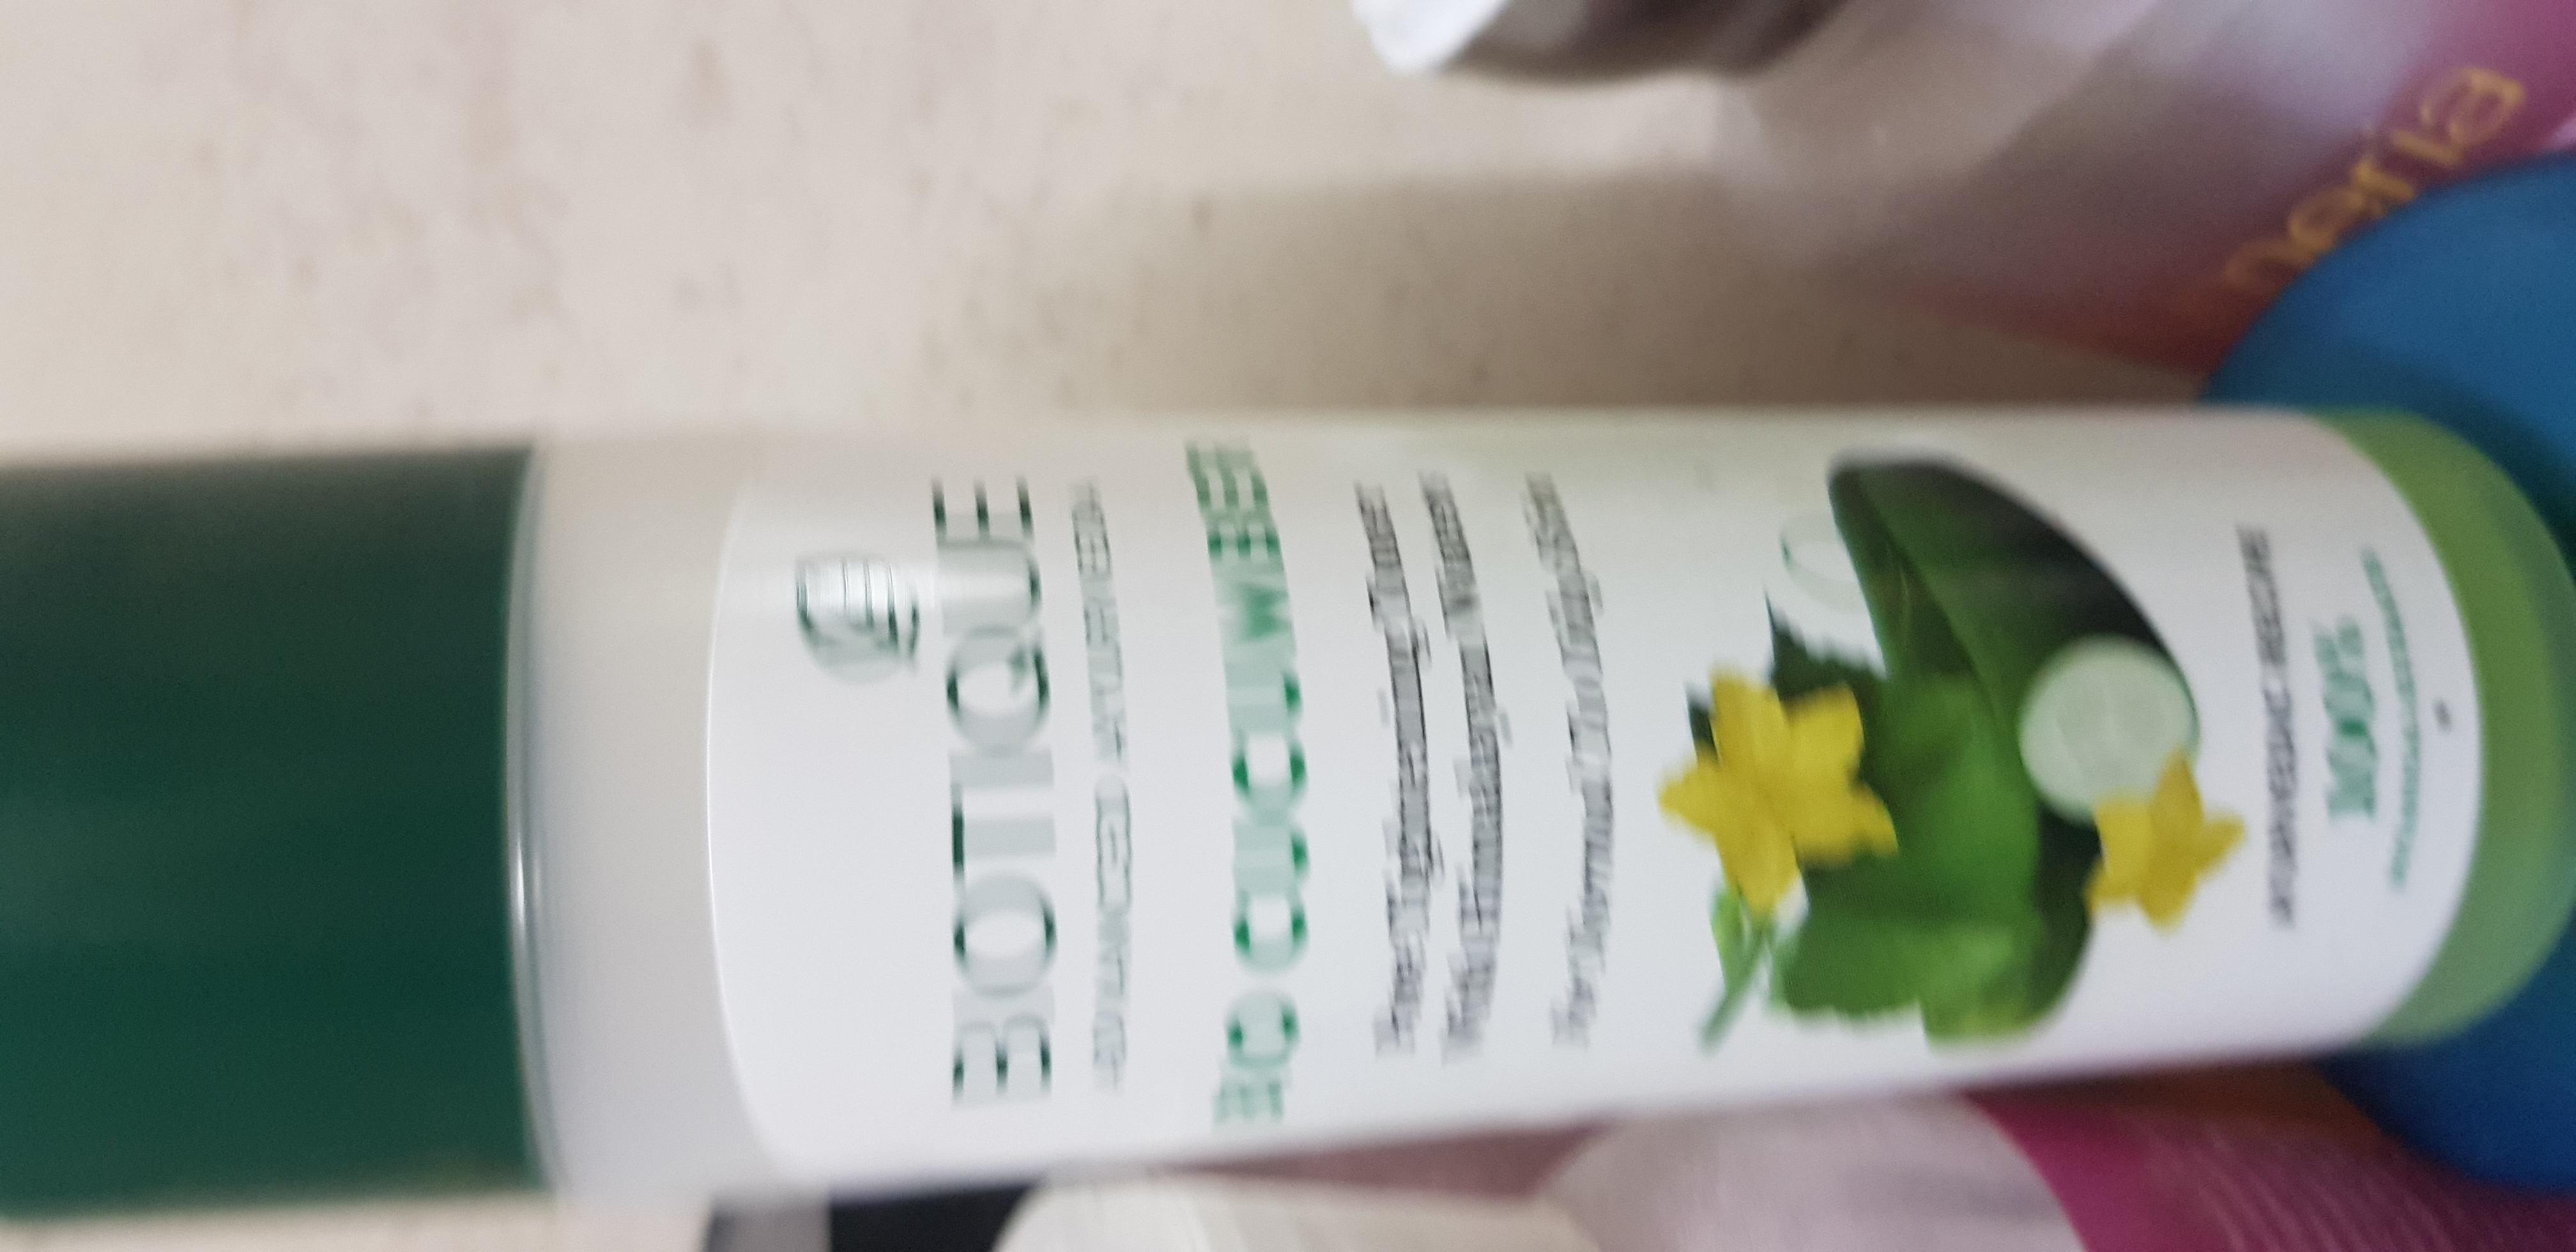 Biotique Bio Cucumber Pore Tightening Toner-Goodness of Cucumber!-By poonam_kakkar